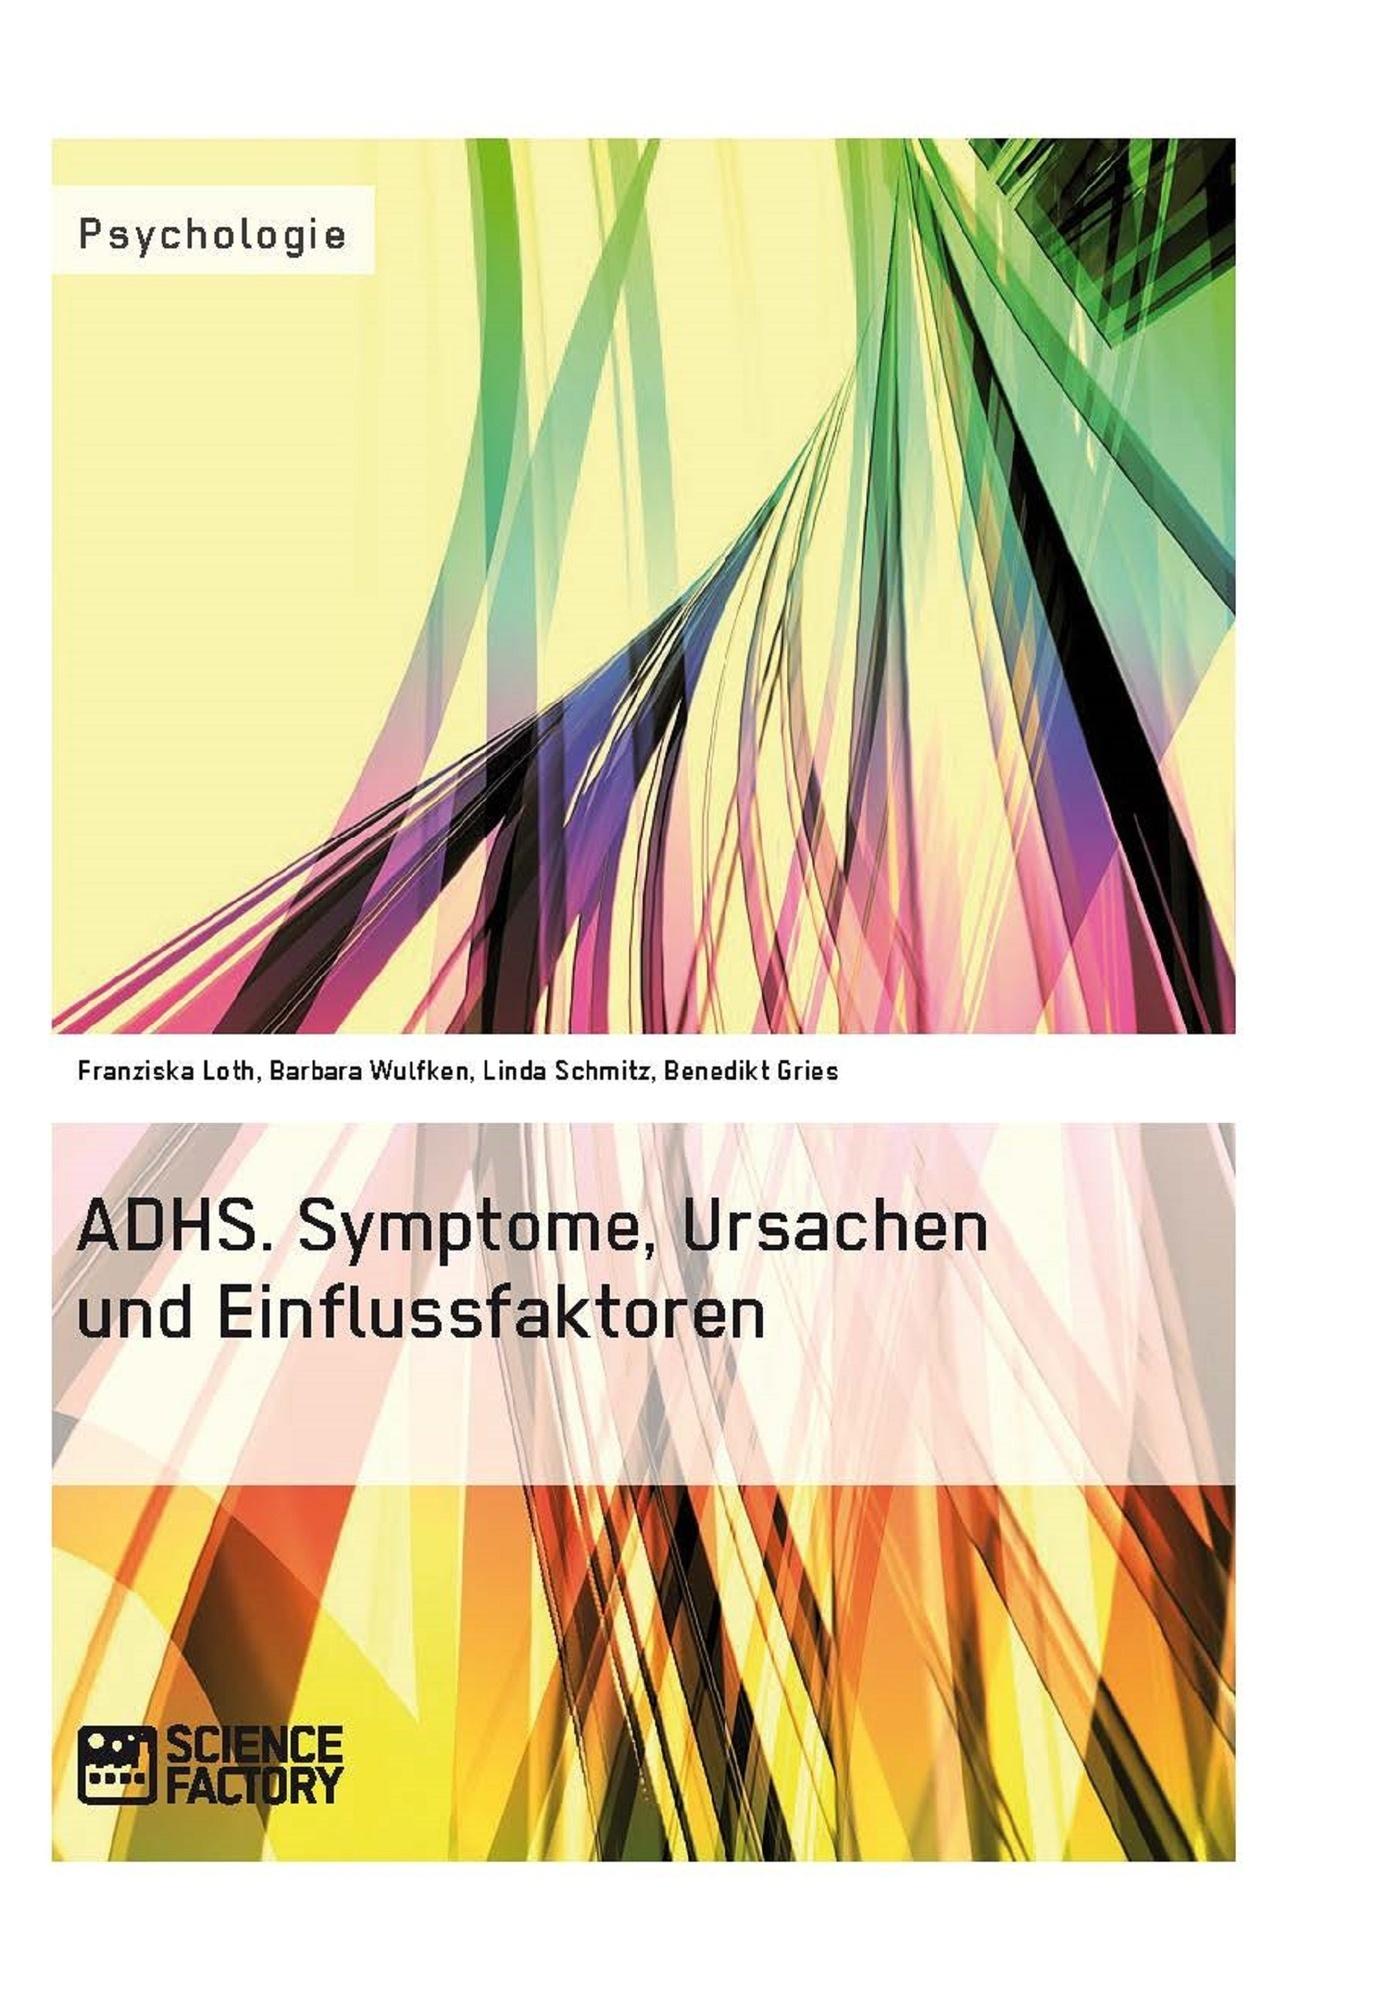 Titel: ADHS. Symptome, Ursachen und Einflussfaktoren